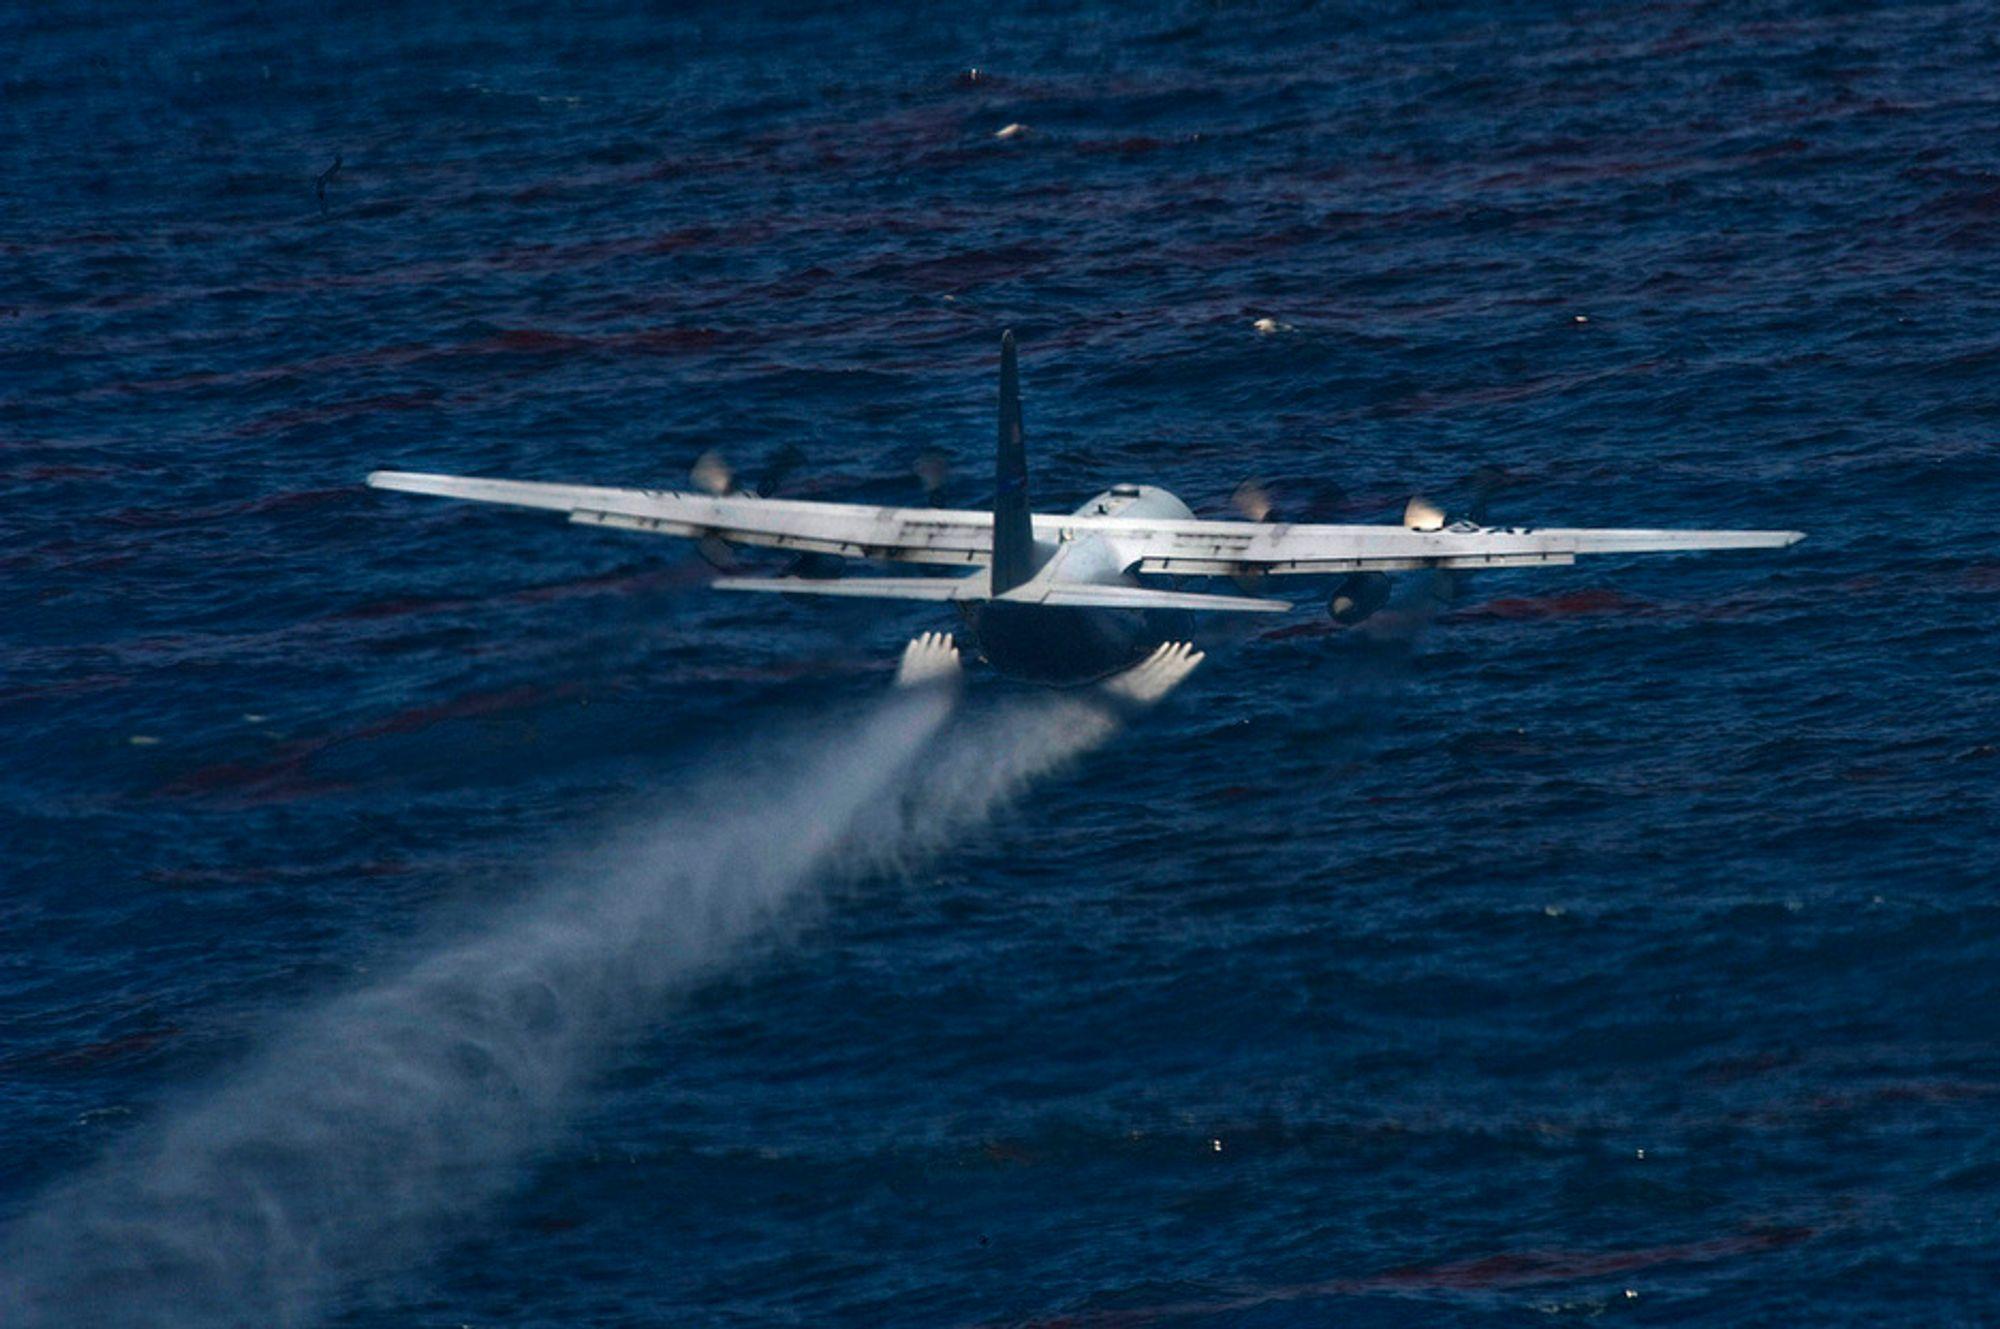 Oljeutslipp: Et amerikansk C-130 (Herkules) slipper dispergeringsmidler over oljeutslippet i Mexicogolfen.